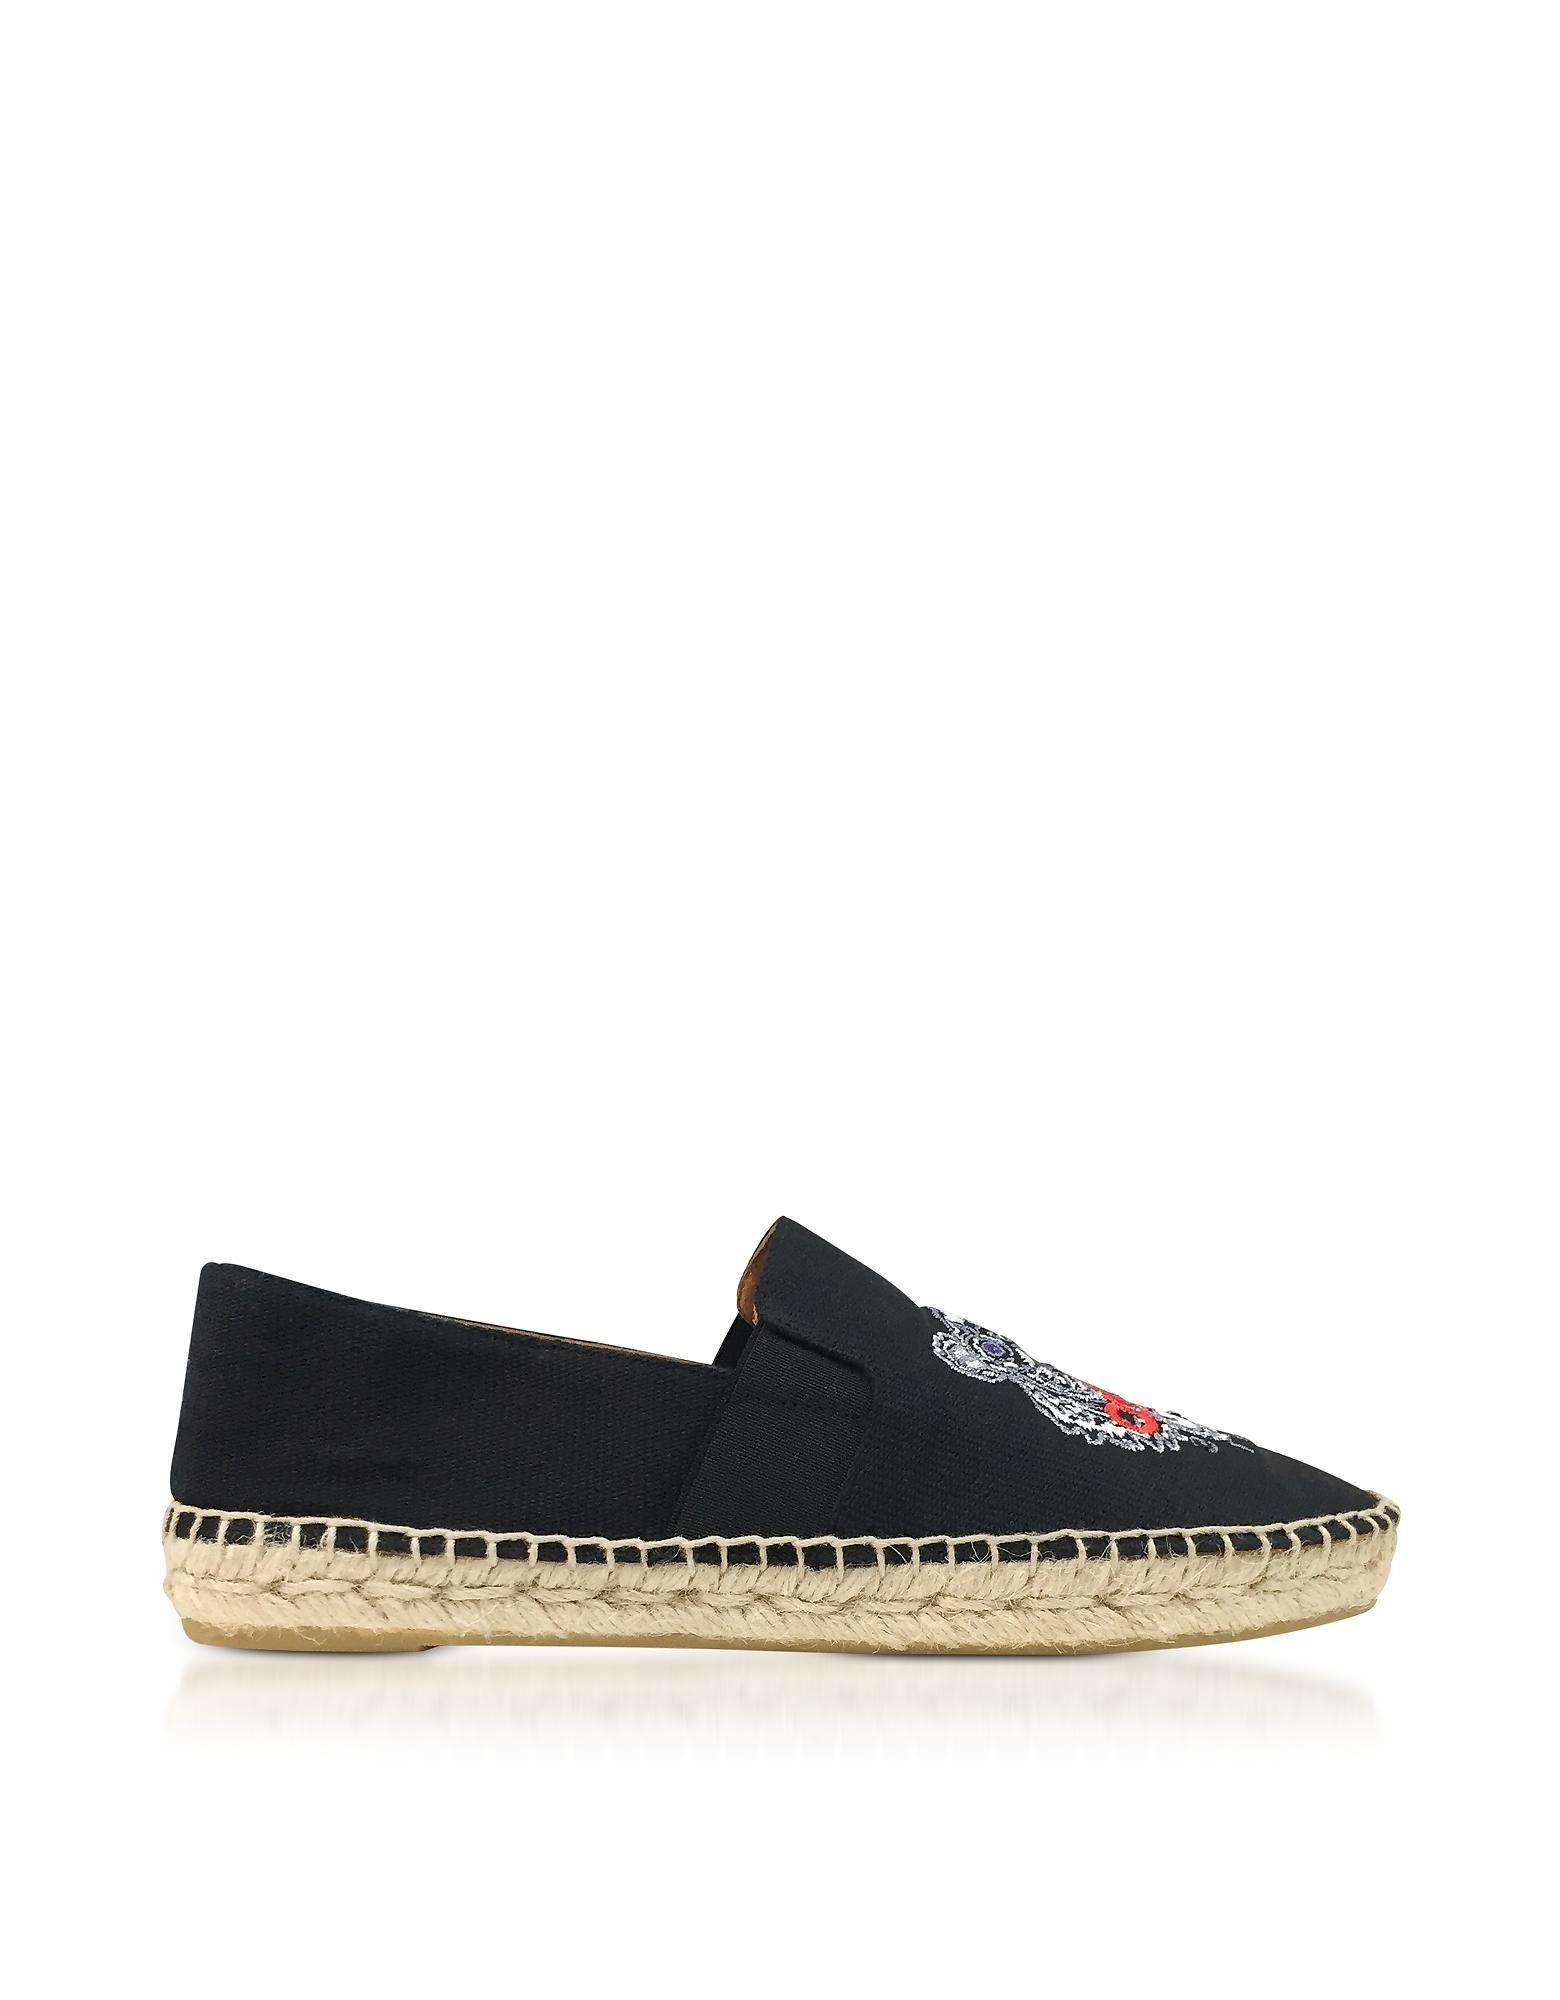 Kenzo Shoes, Black Canvas Women's Tiger Espadrilles